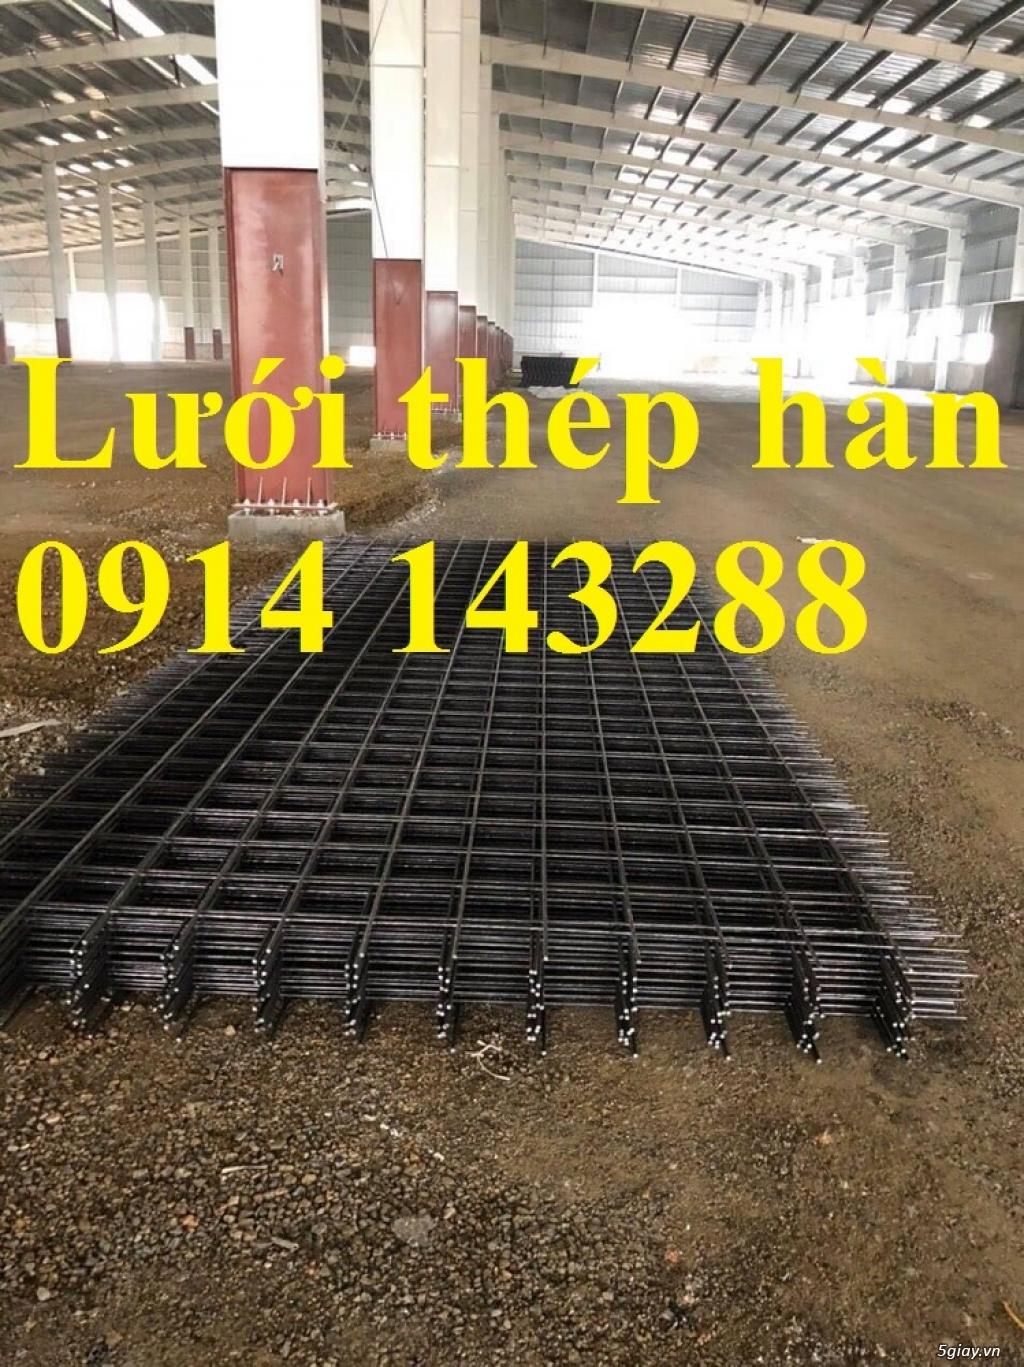 Sản xuất lưới thép hàn, lưới thép hàn cường lực, hàng rào lưới thép.